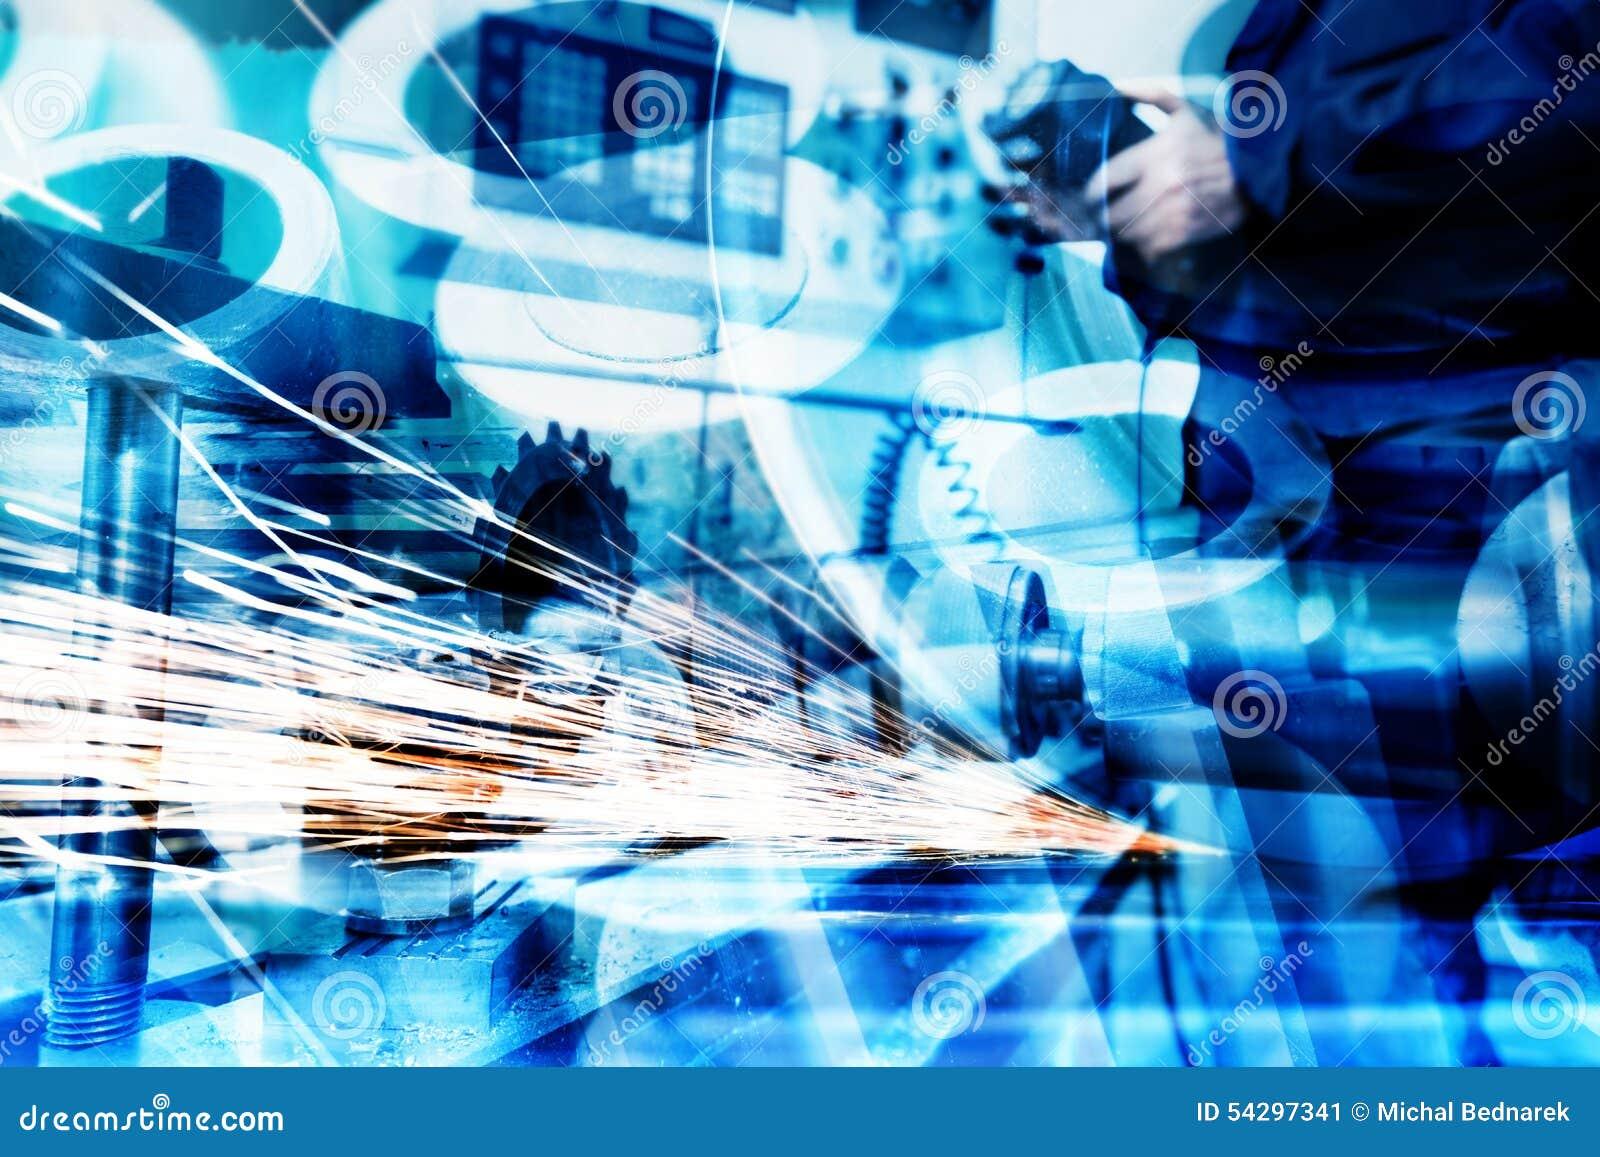 Fondo industrial del extracto de la tecnología Industria